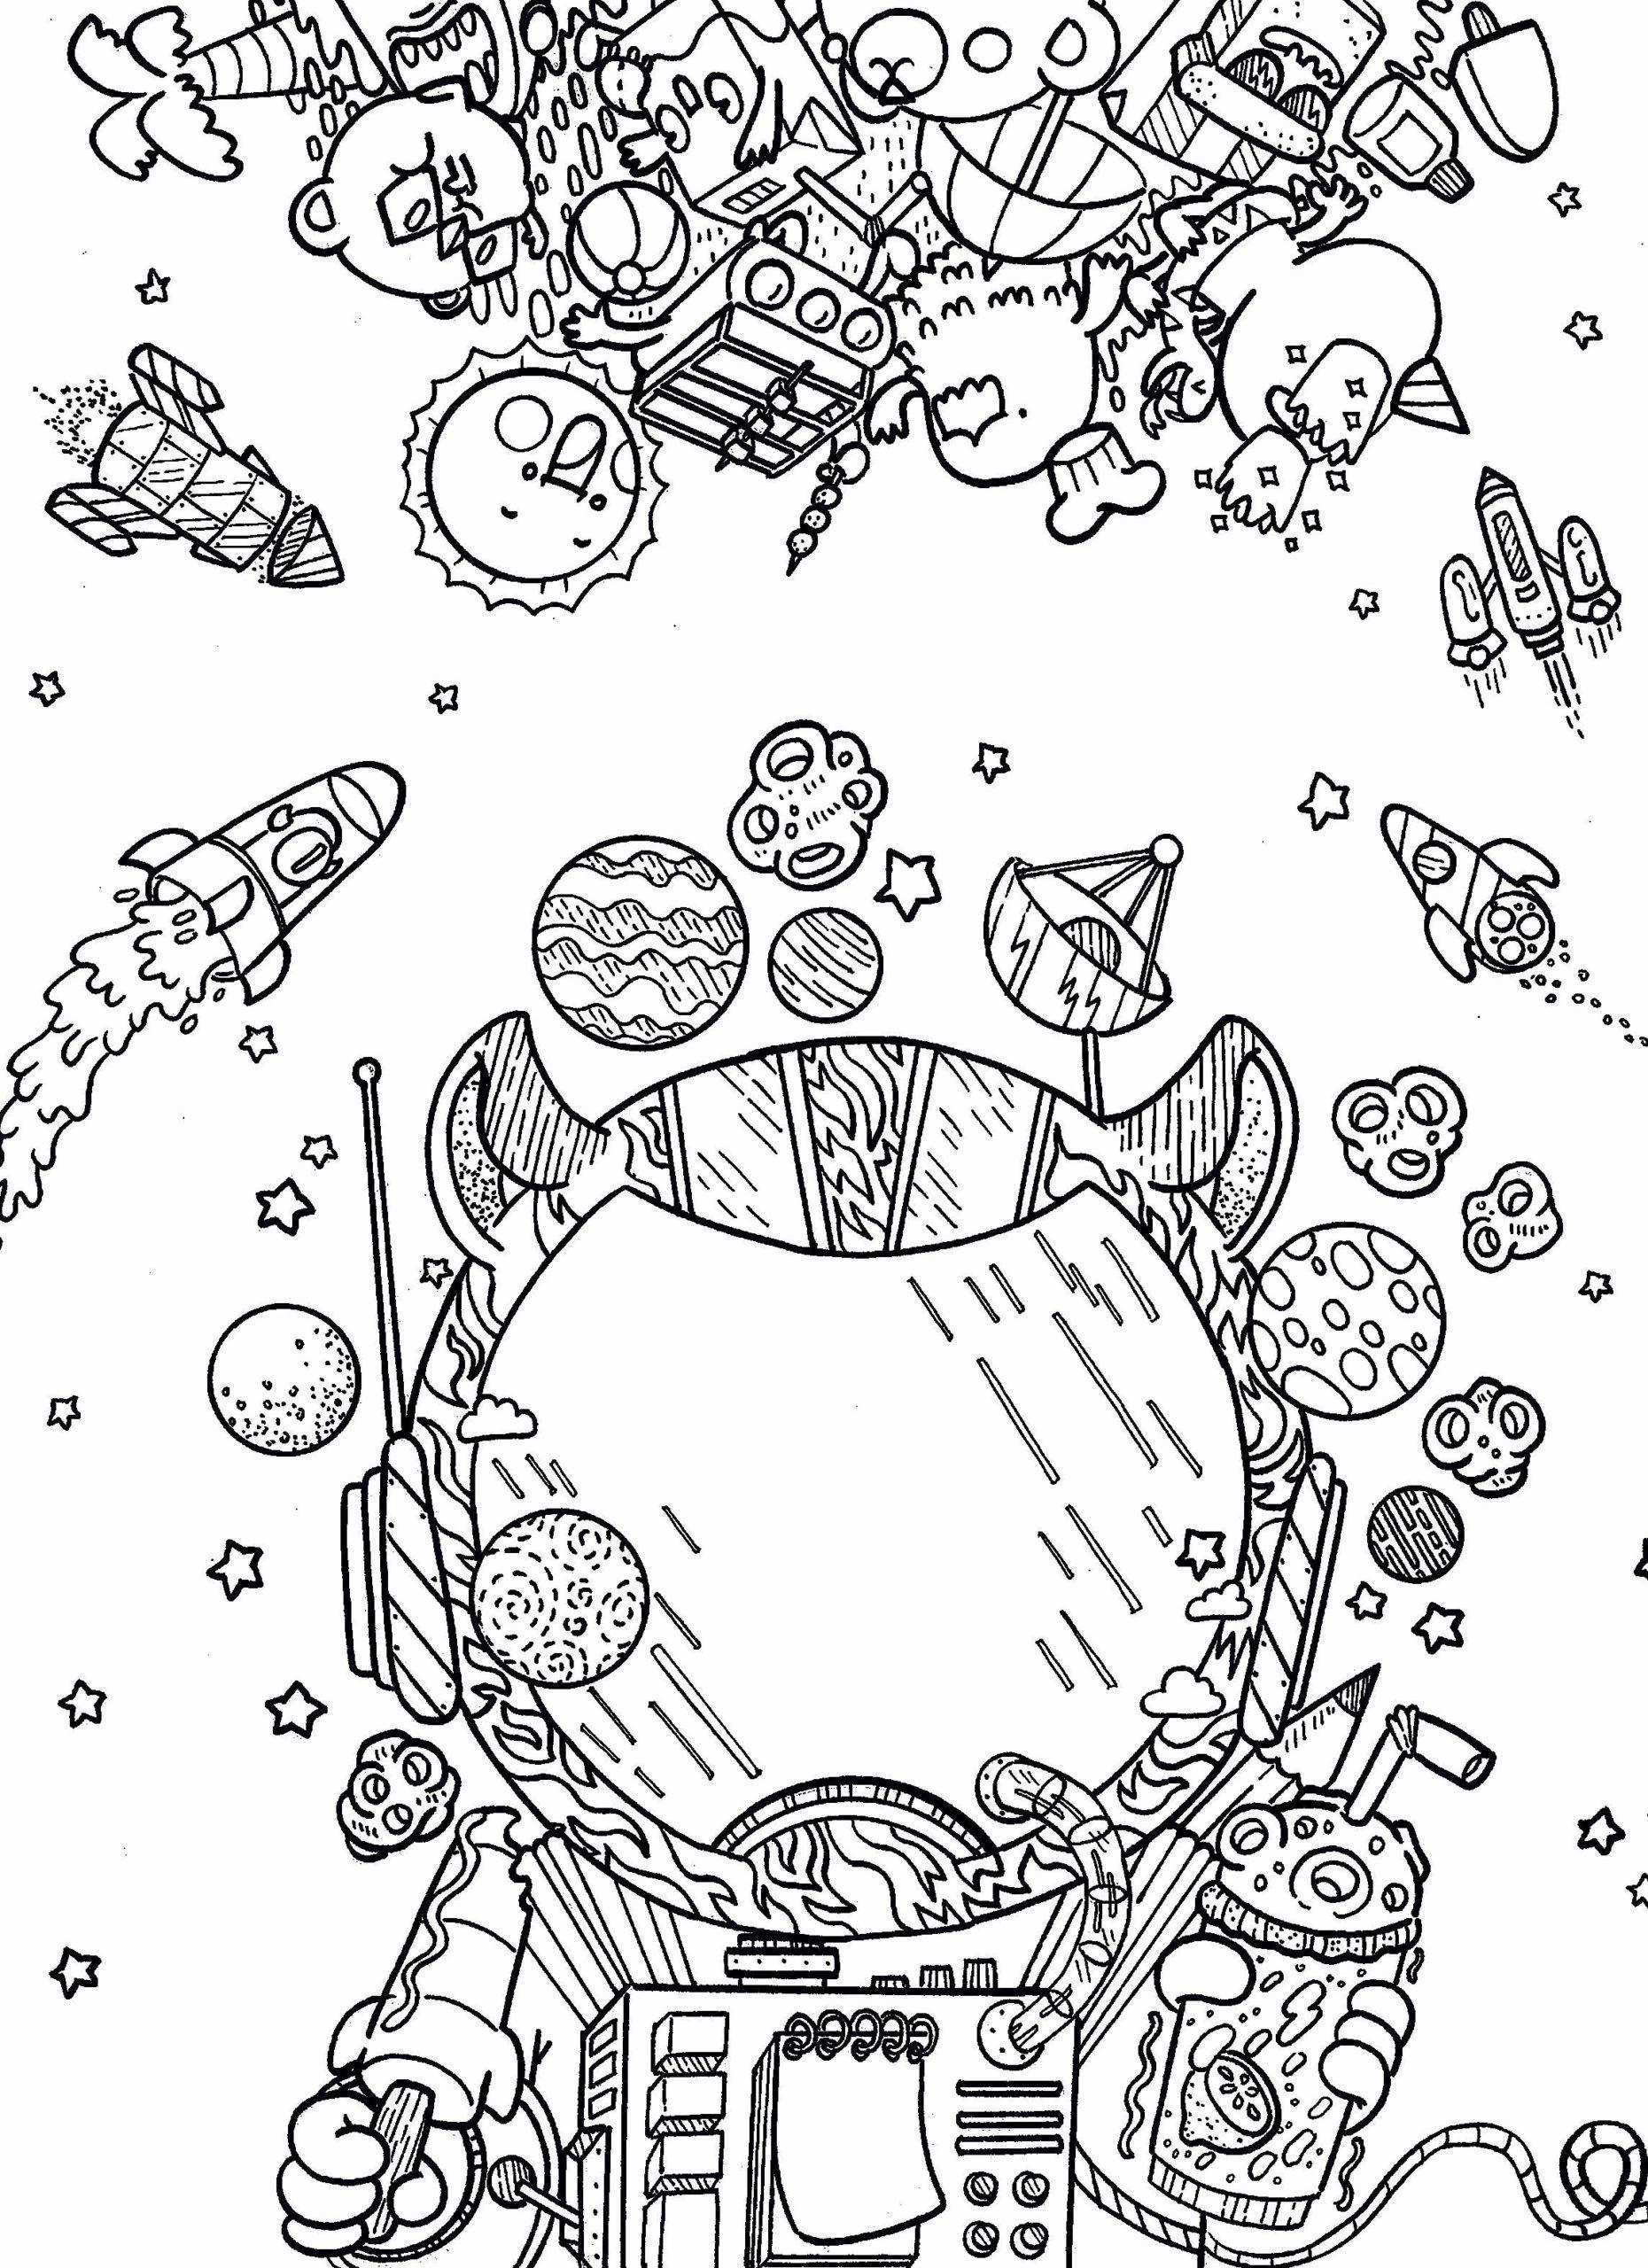 Space Coloring Worksheets Fresh 27 Gestalte Deine Eigenen Malvorlagen Galerie Colori Space Coloring Pages Space Coloring Sheet Planet Coloring Pages